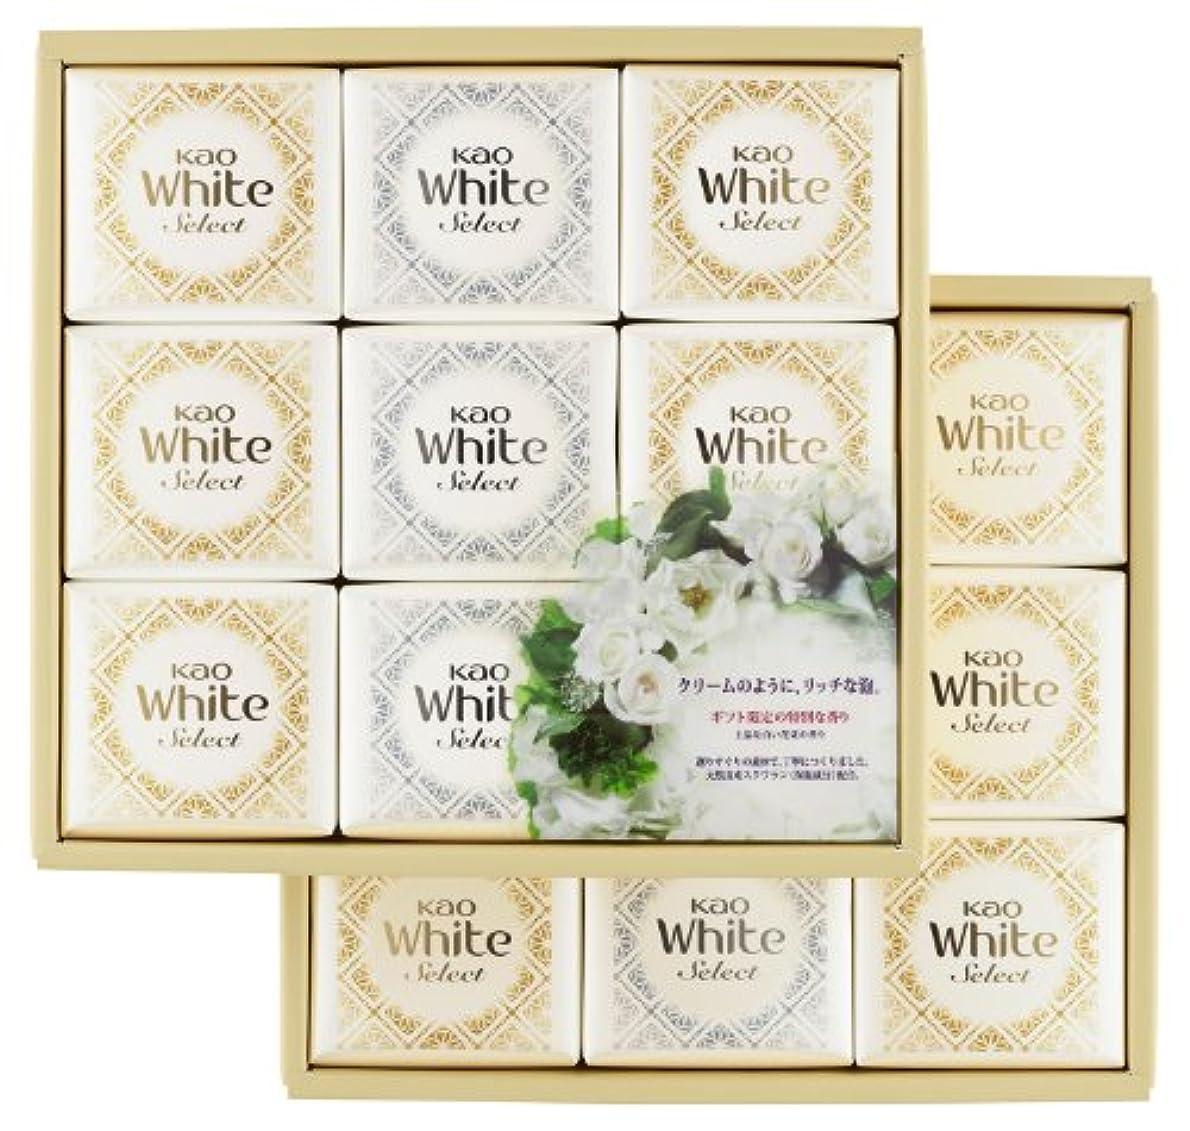 大通り傷跡重さ花王ホワイト セレクト 上品な白い花束の香り 85g 18コ K?WS-30